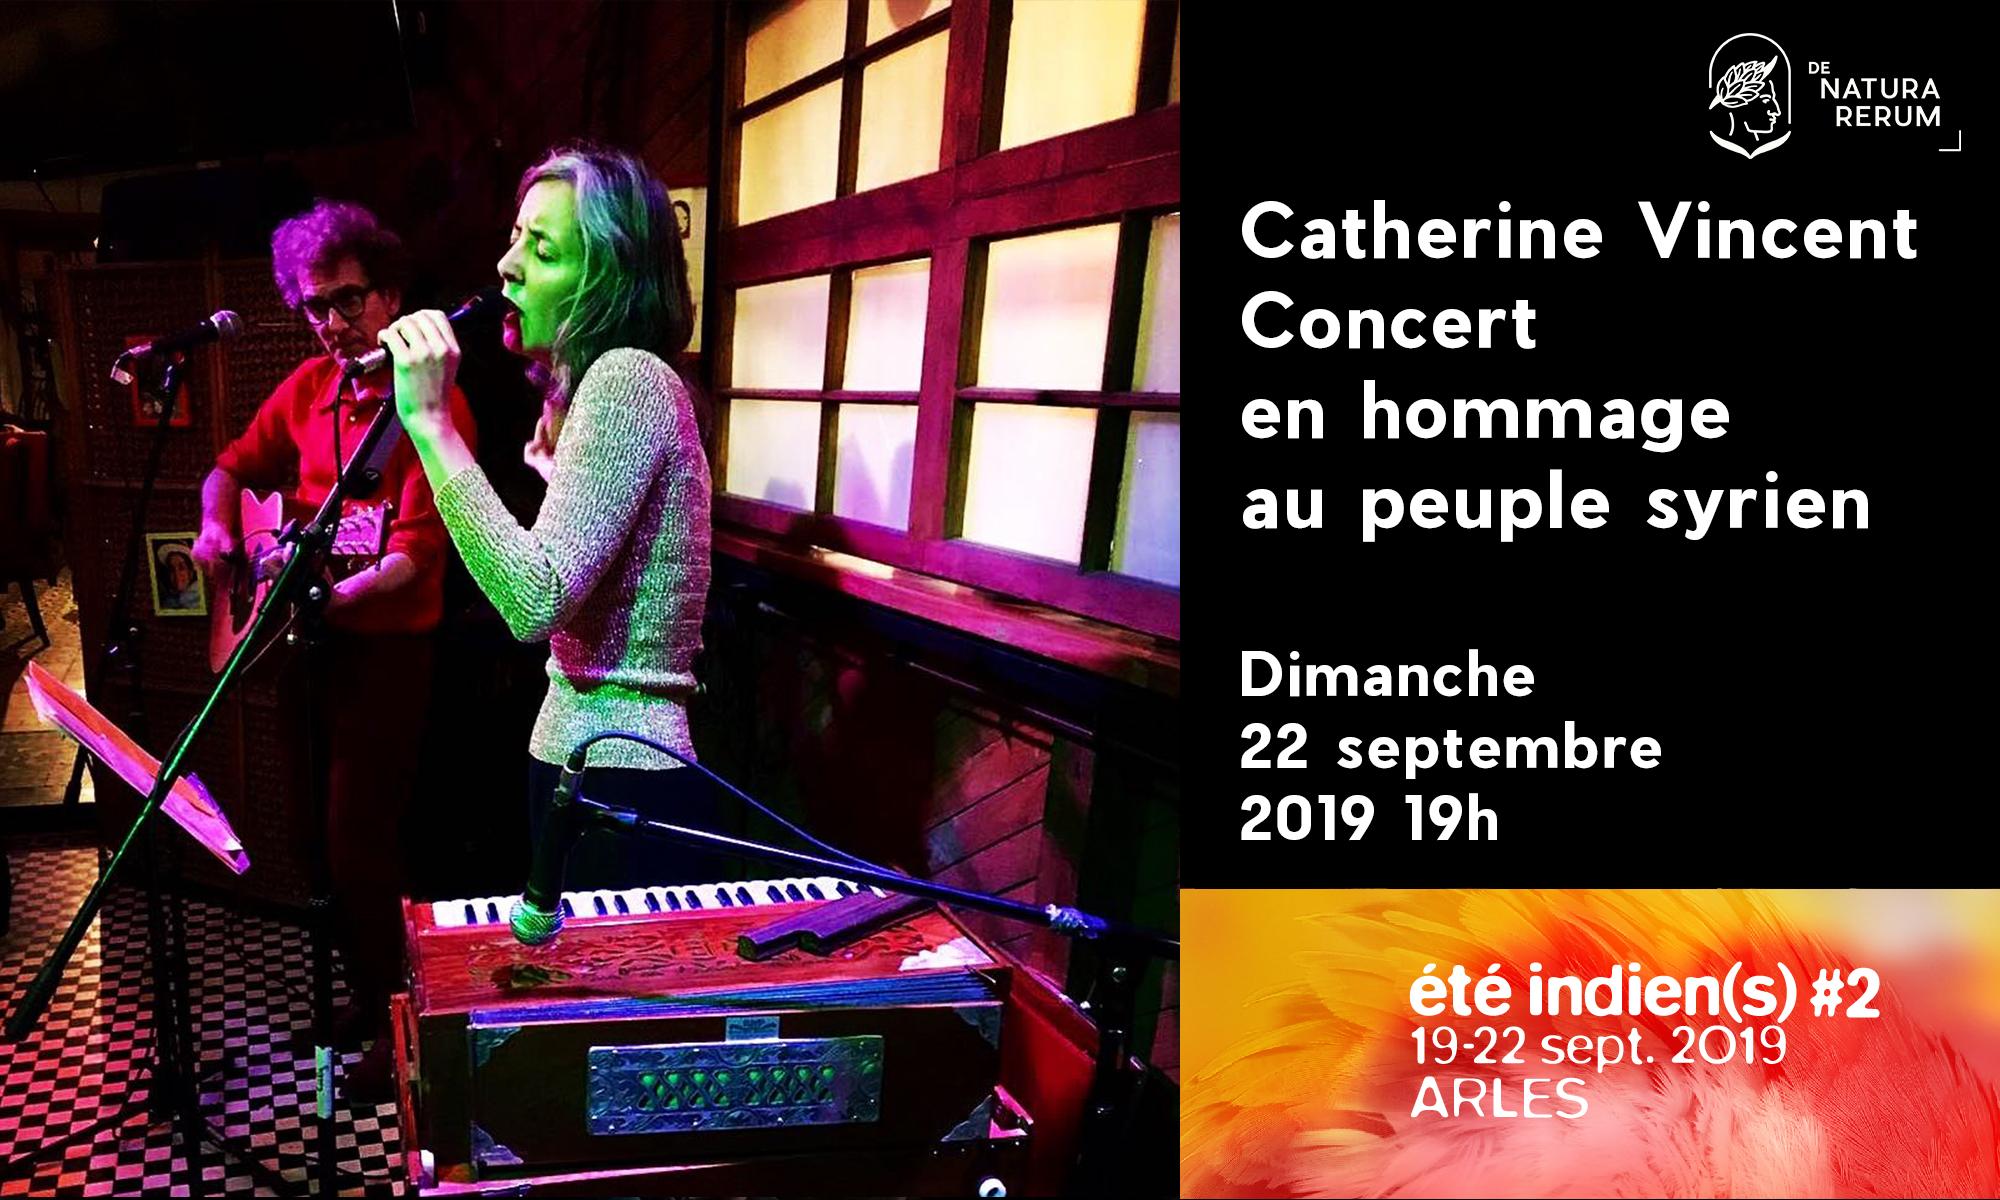 Catherine Vincent, concert en hommage au peuple syrien, De natura rerum, septembre 2019, été indien(s), Arles